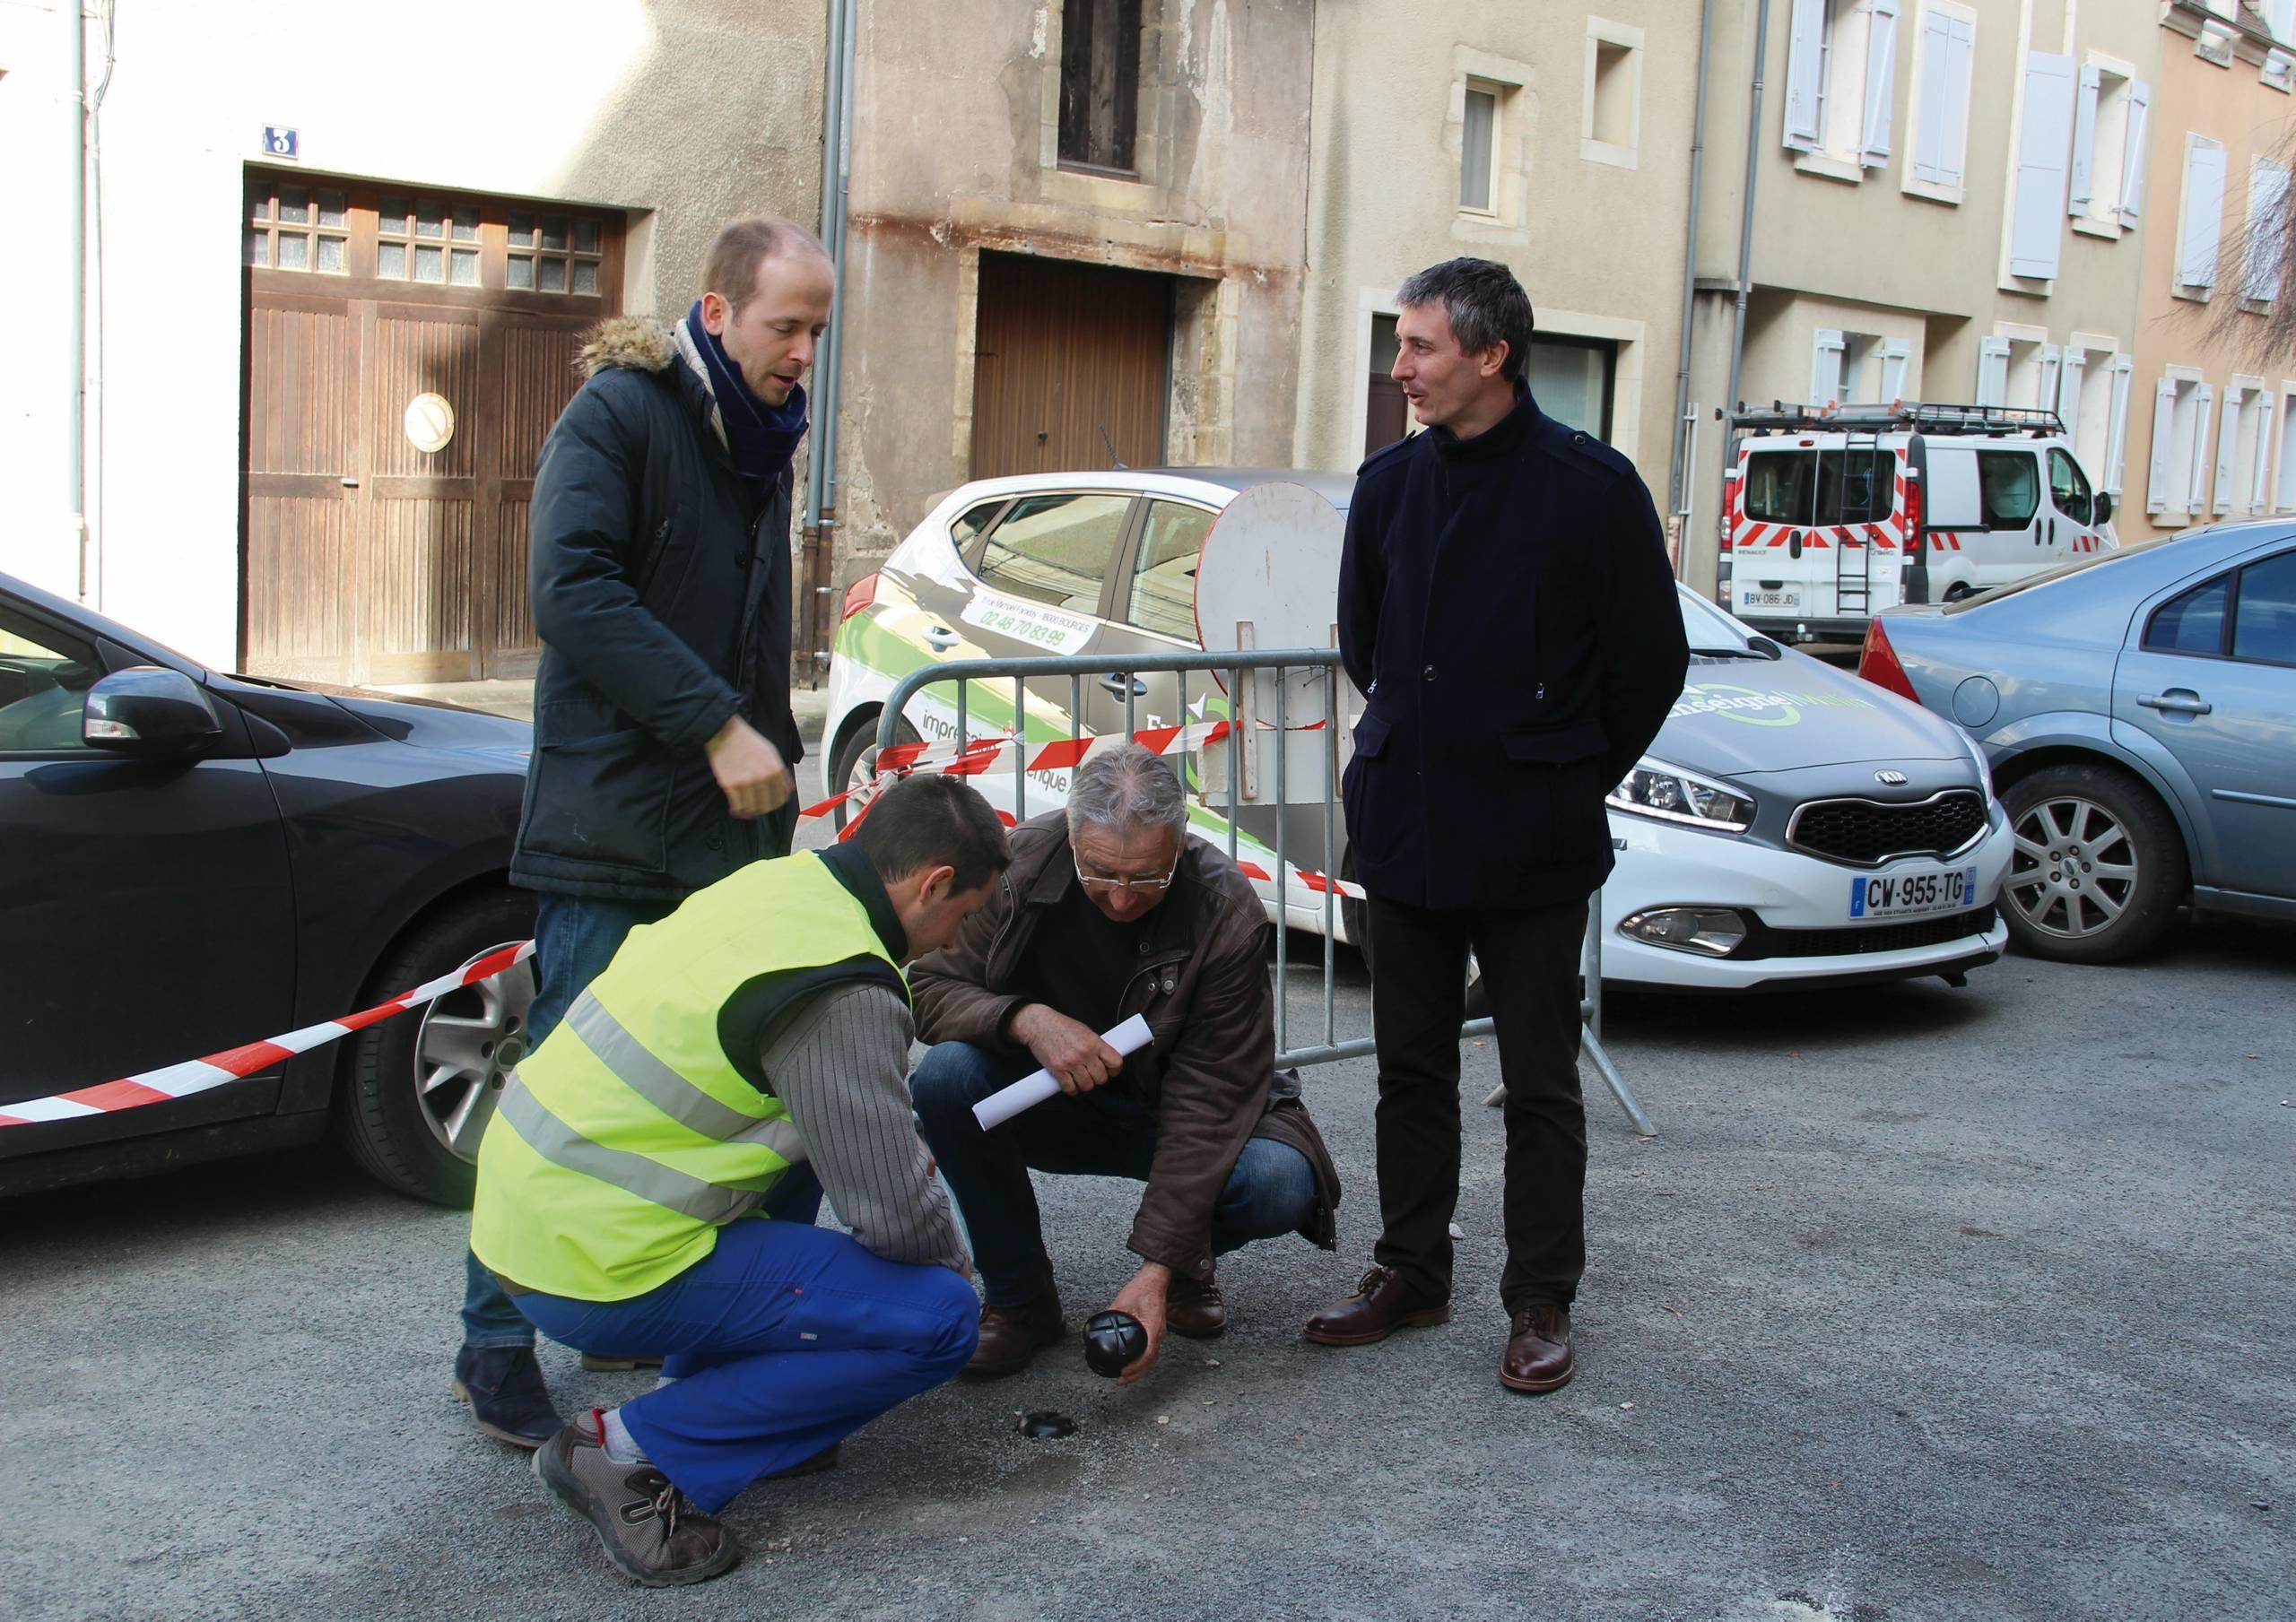 Des capteurs « minute » pour éviter les voitures ventouses dans le centre-ville